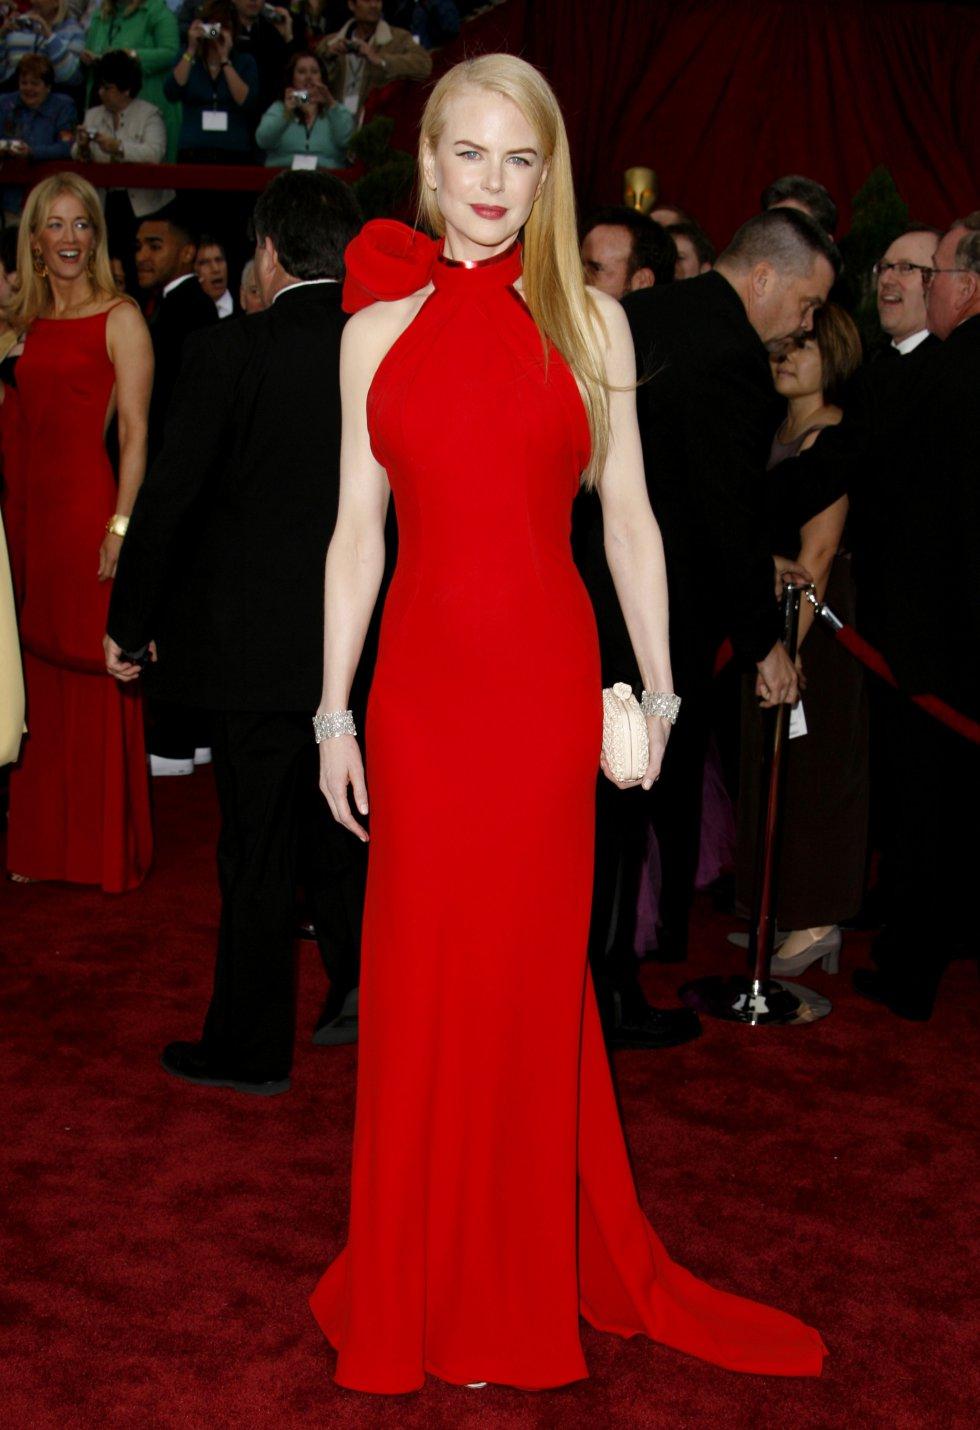 Nicole Kidman siempres es una de las más elegantes en la alfombra roja de los Oscar. En los Oscar de 2007, con un vestido rojo con lazo al cuello de Balenciaga.